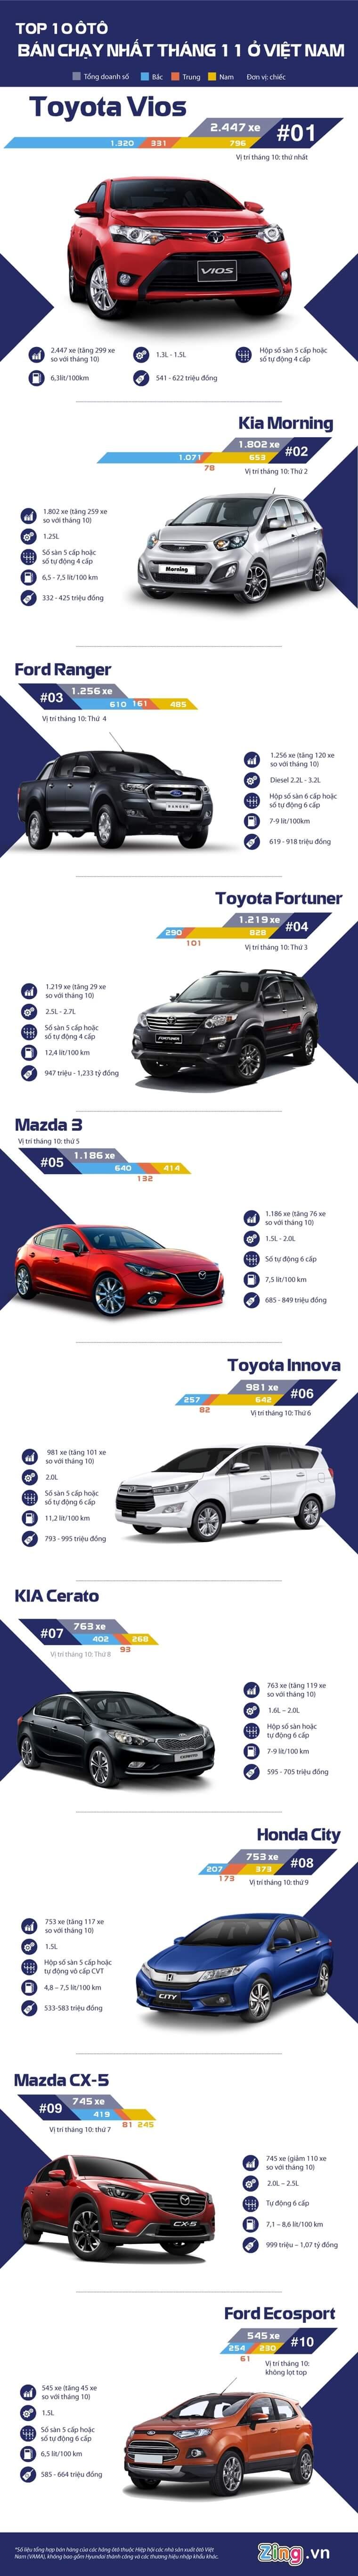 Top 10 xe ô tô bán chạy nhất tháng 11/2016